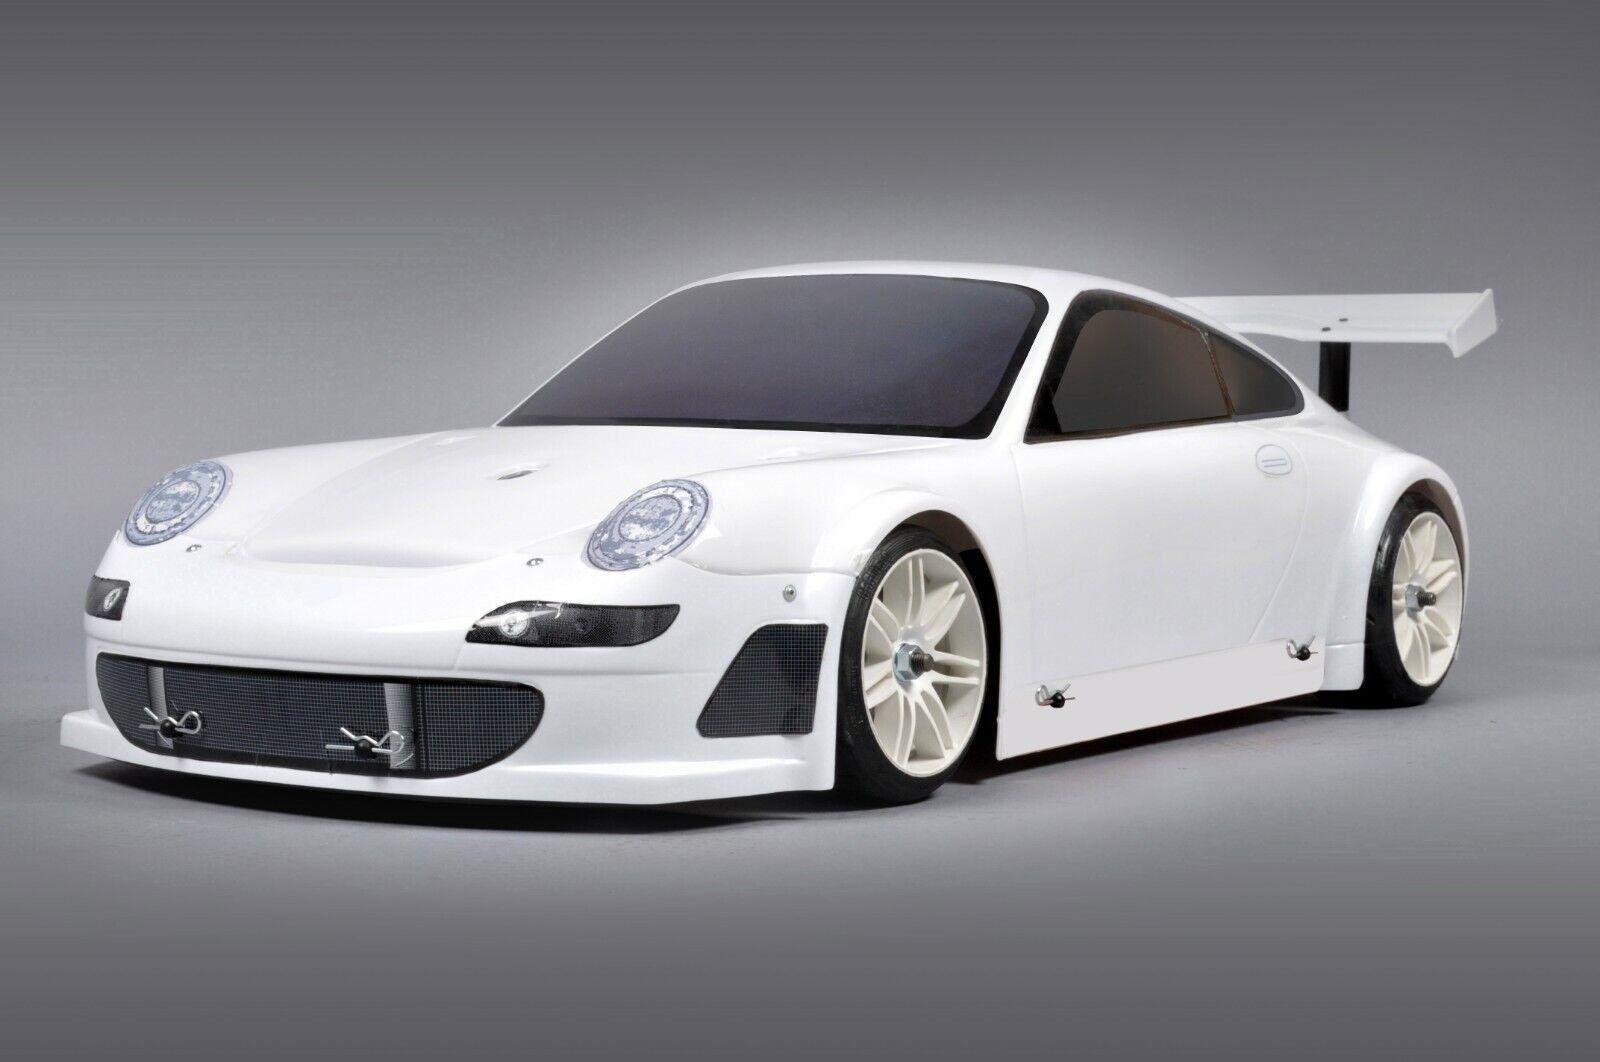 FG modelo Sport wd 510 chasis Porsche sin pintar 26 ccm non rtr